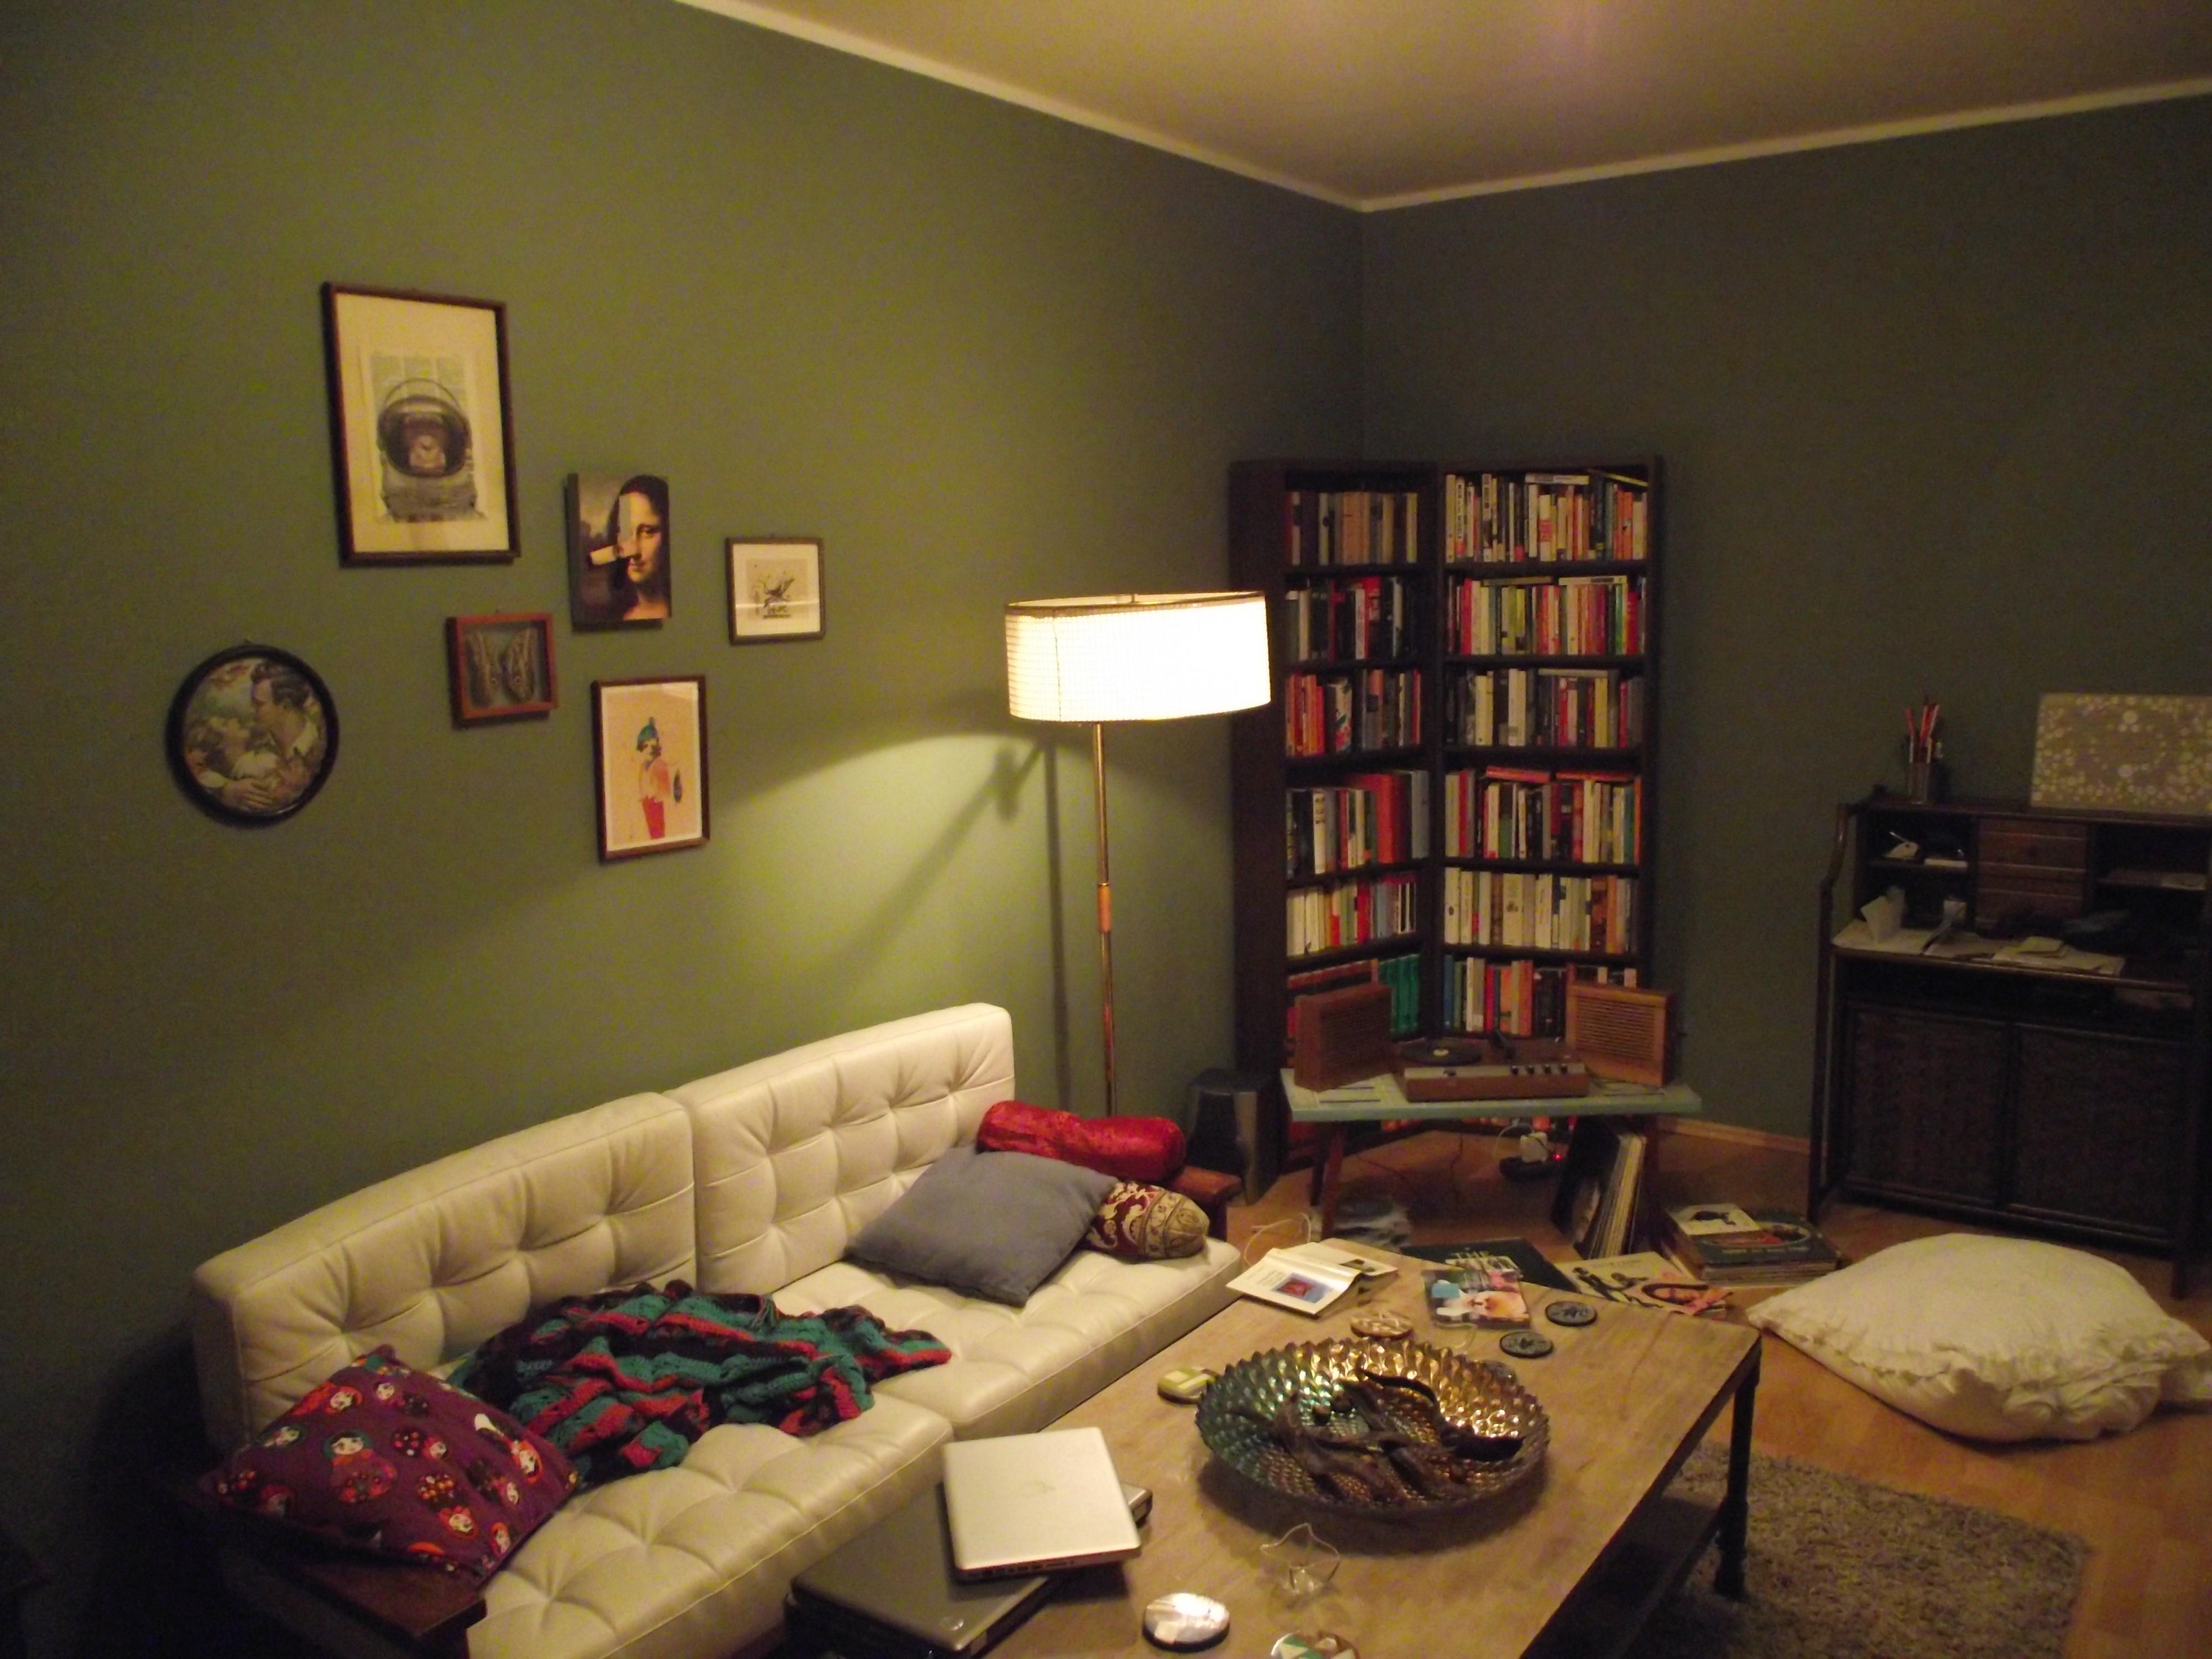 Das Wohnzimmer im Retro-Look (Foto: MB) › Unterm Dach